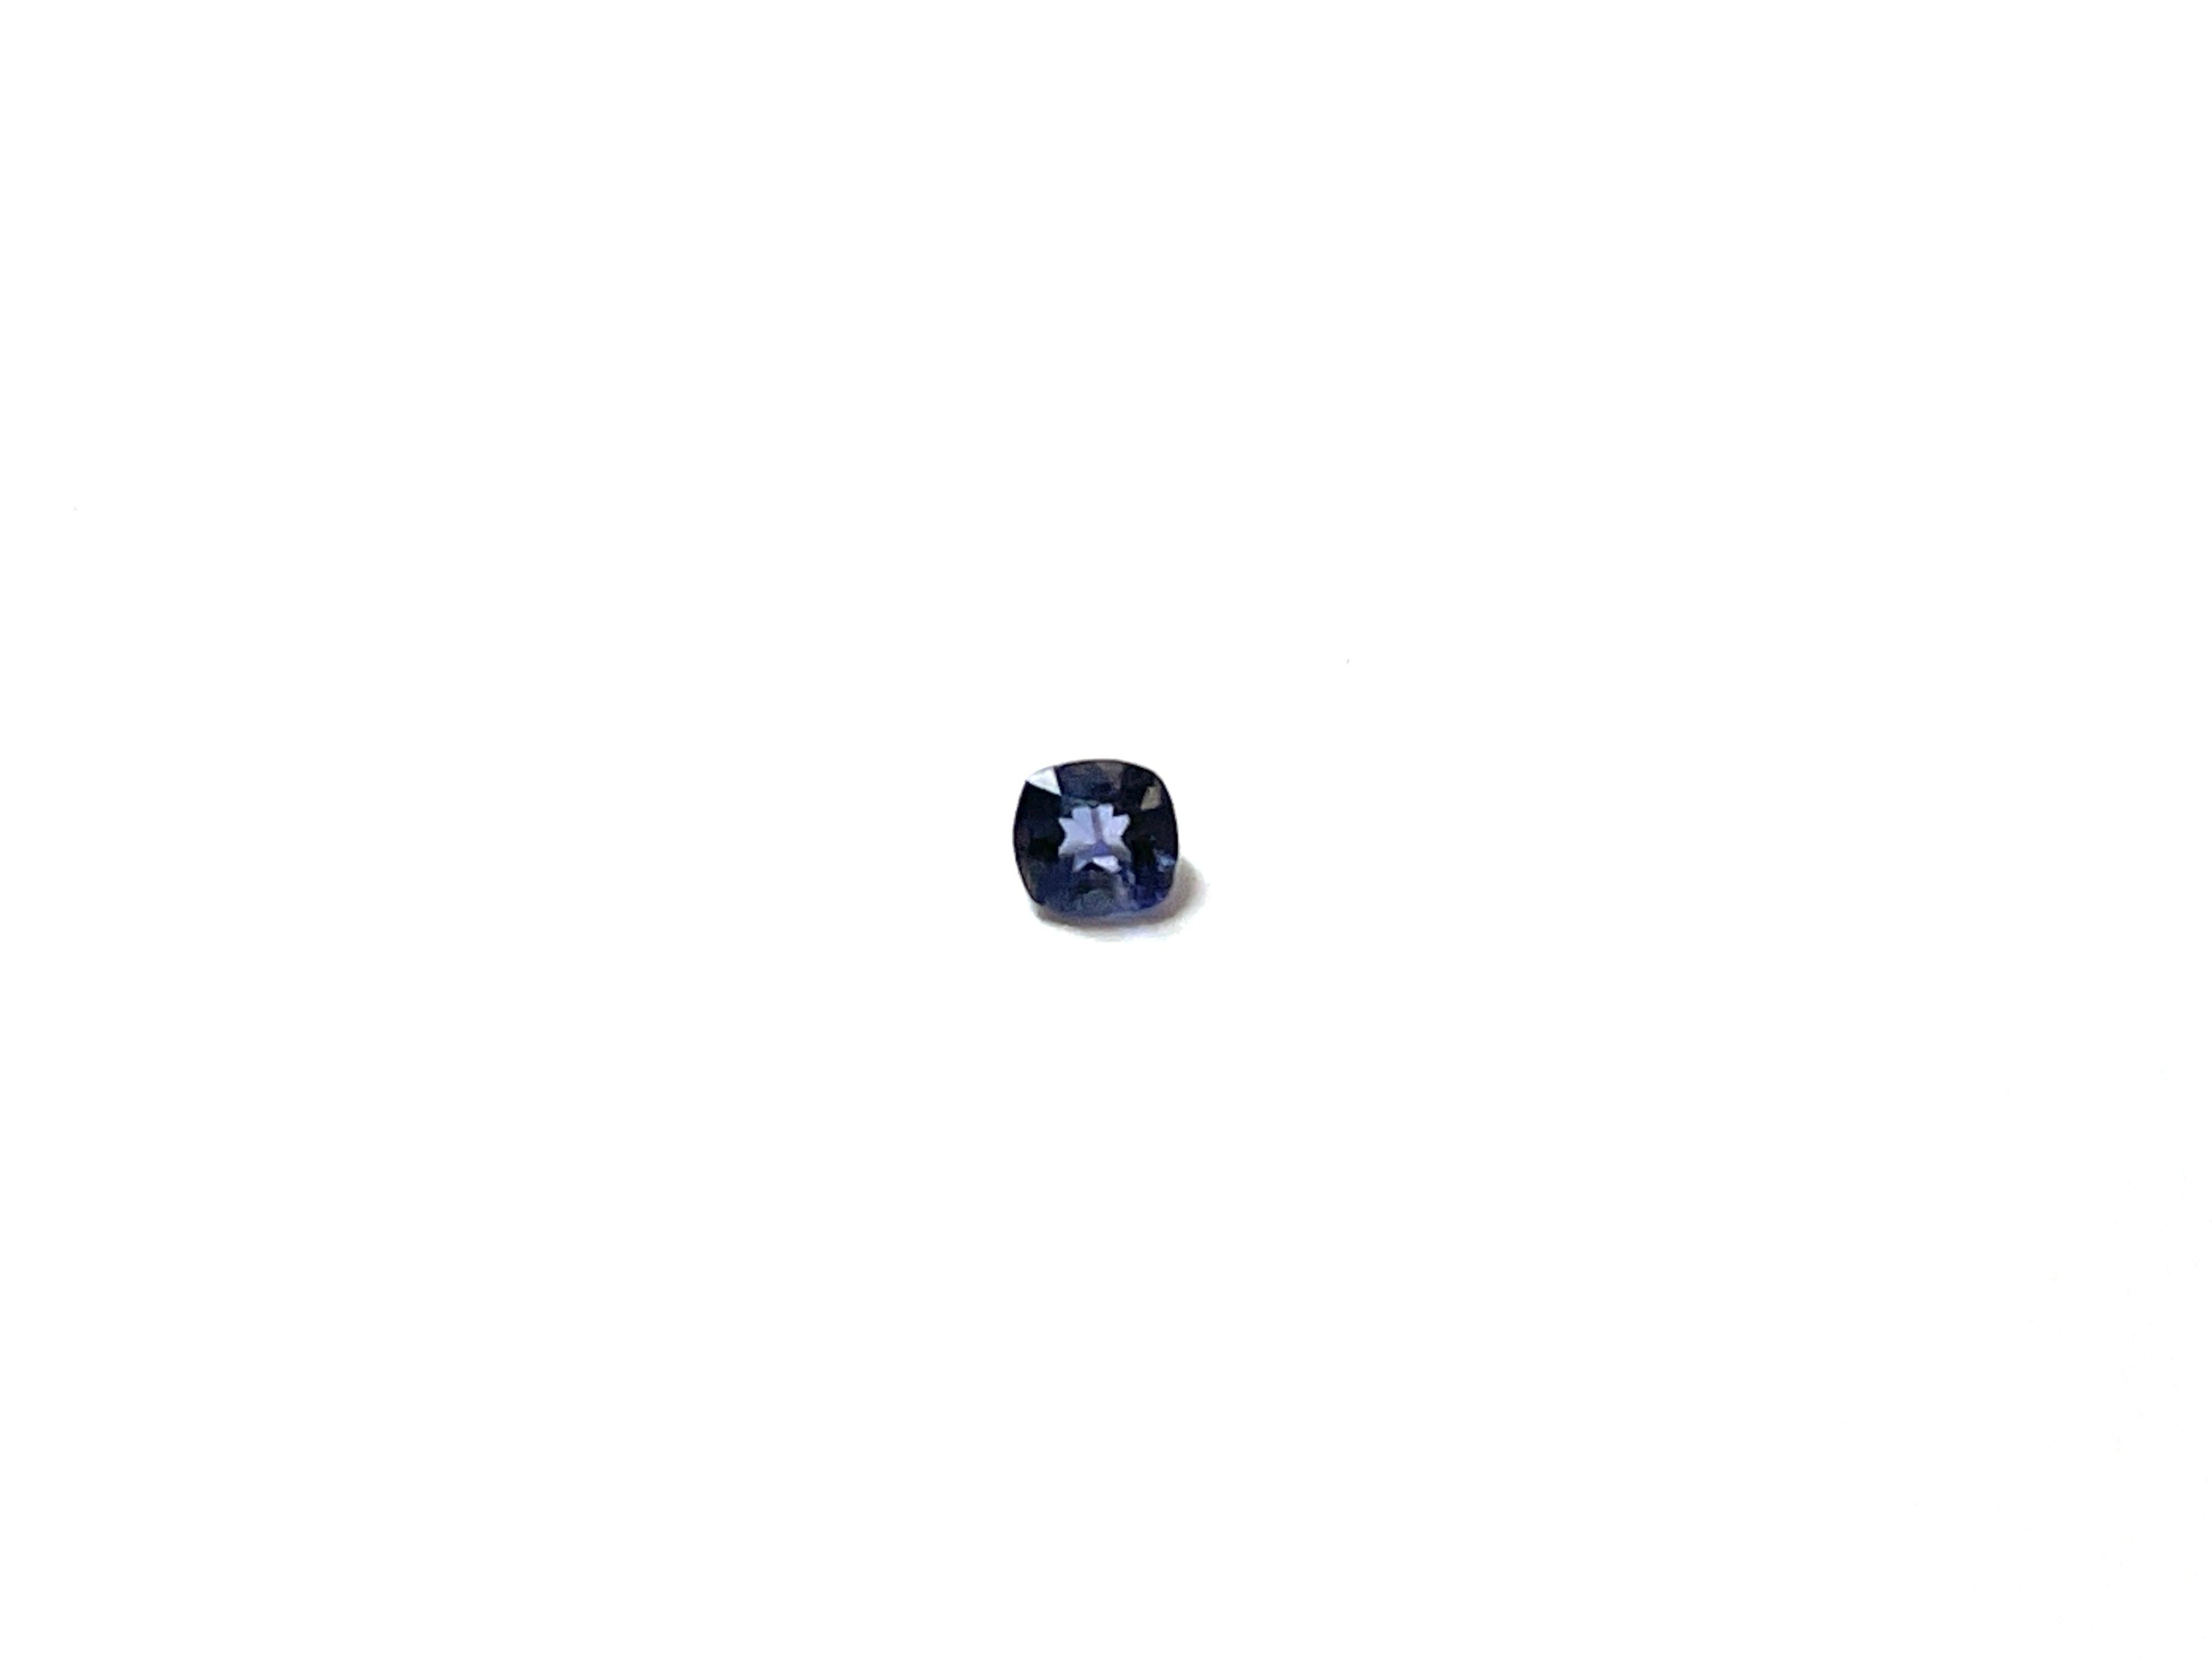 【9月お便り掲載】デュモルテライト(単結晶)[No.A-255]